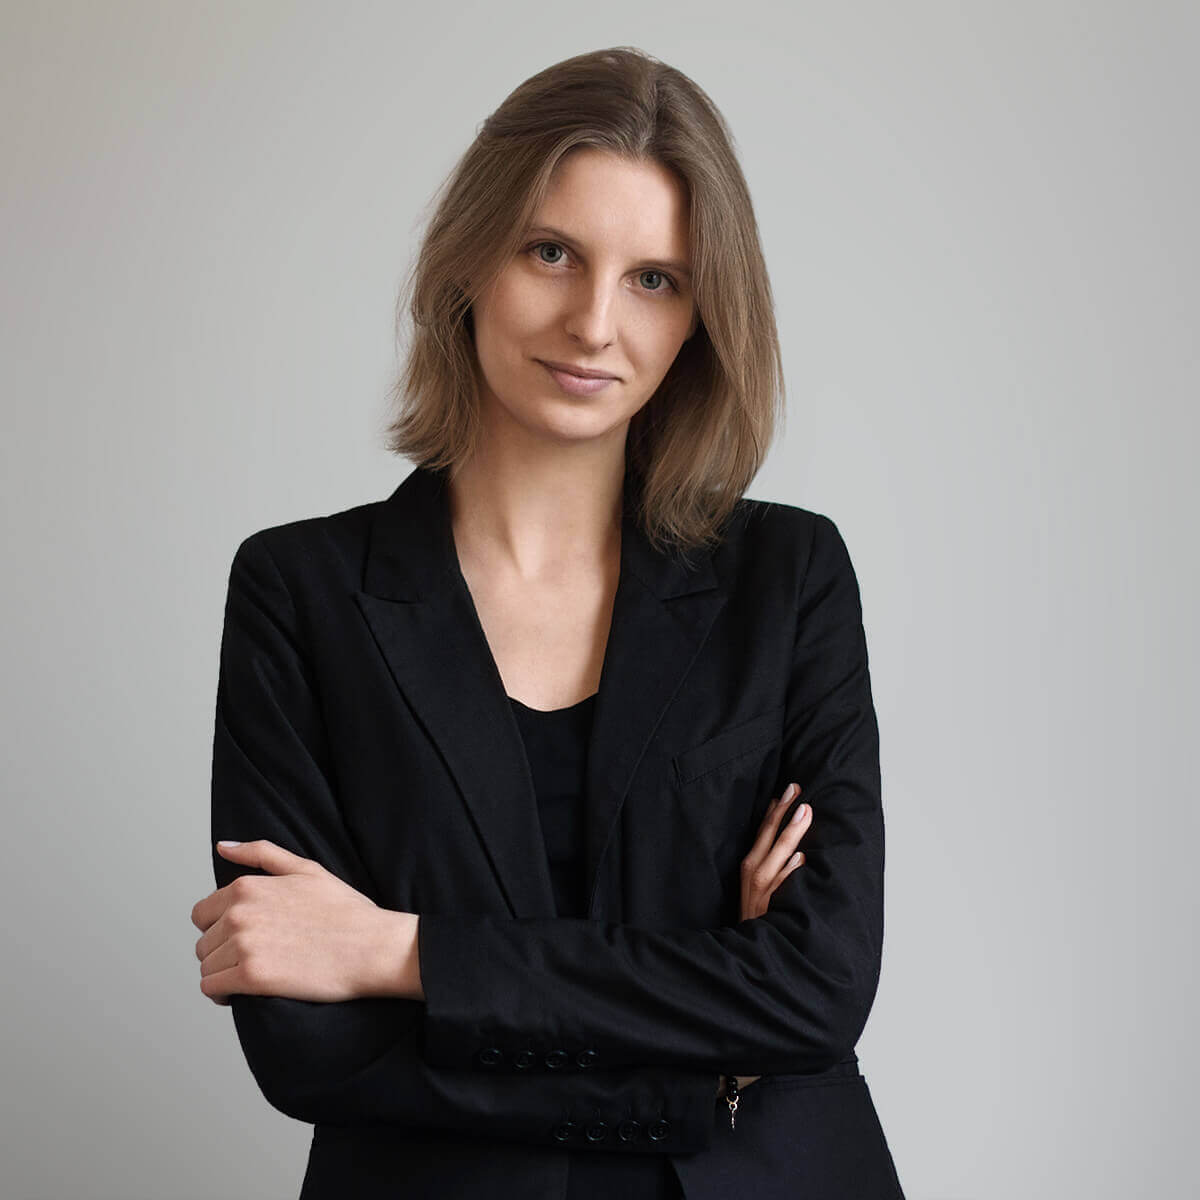 Paulina Synoradzka